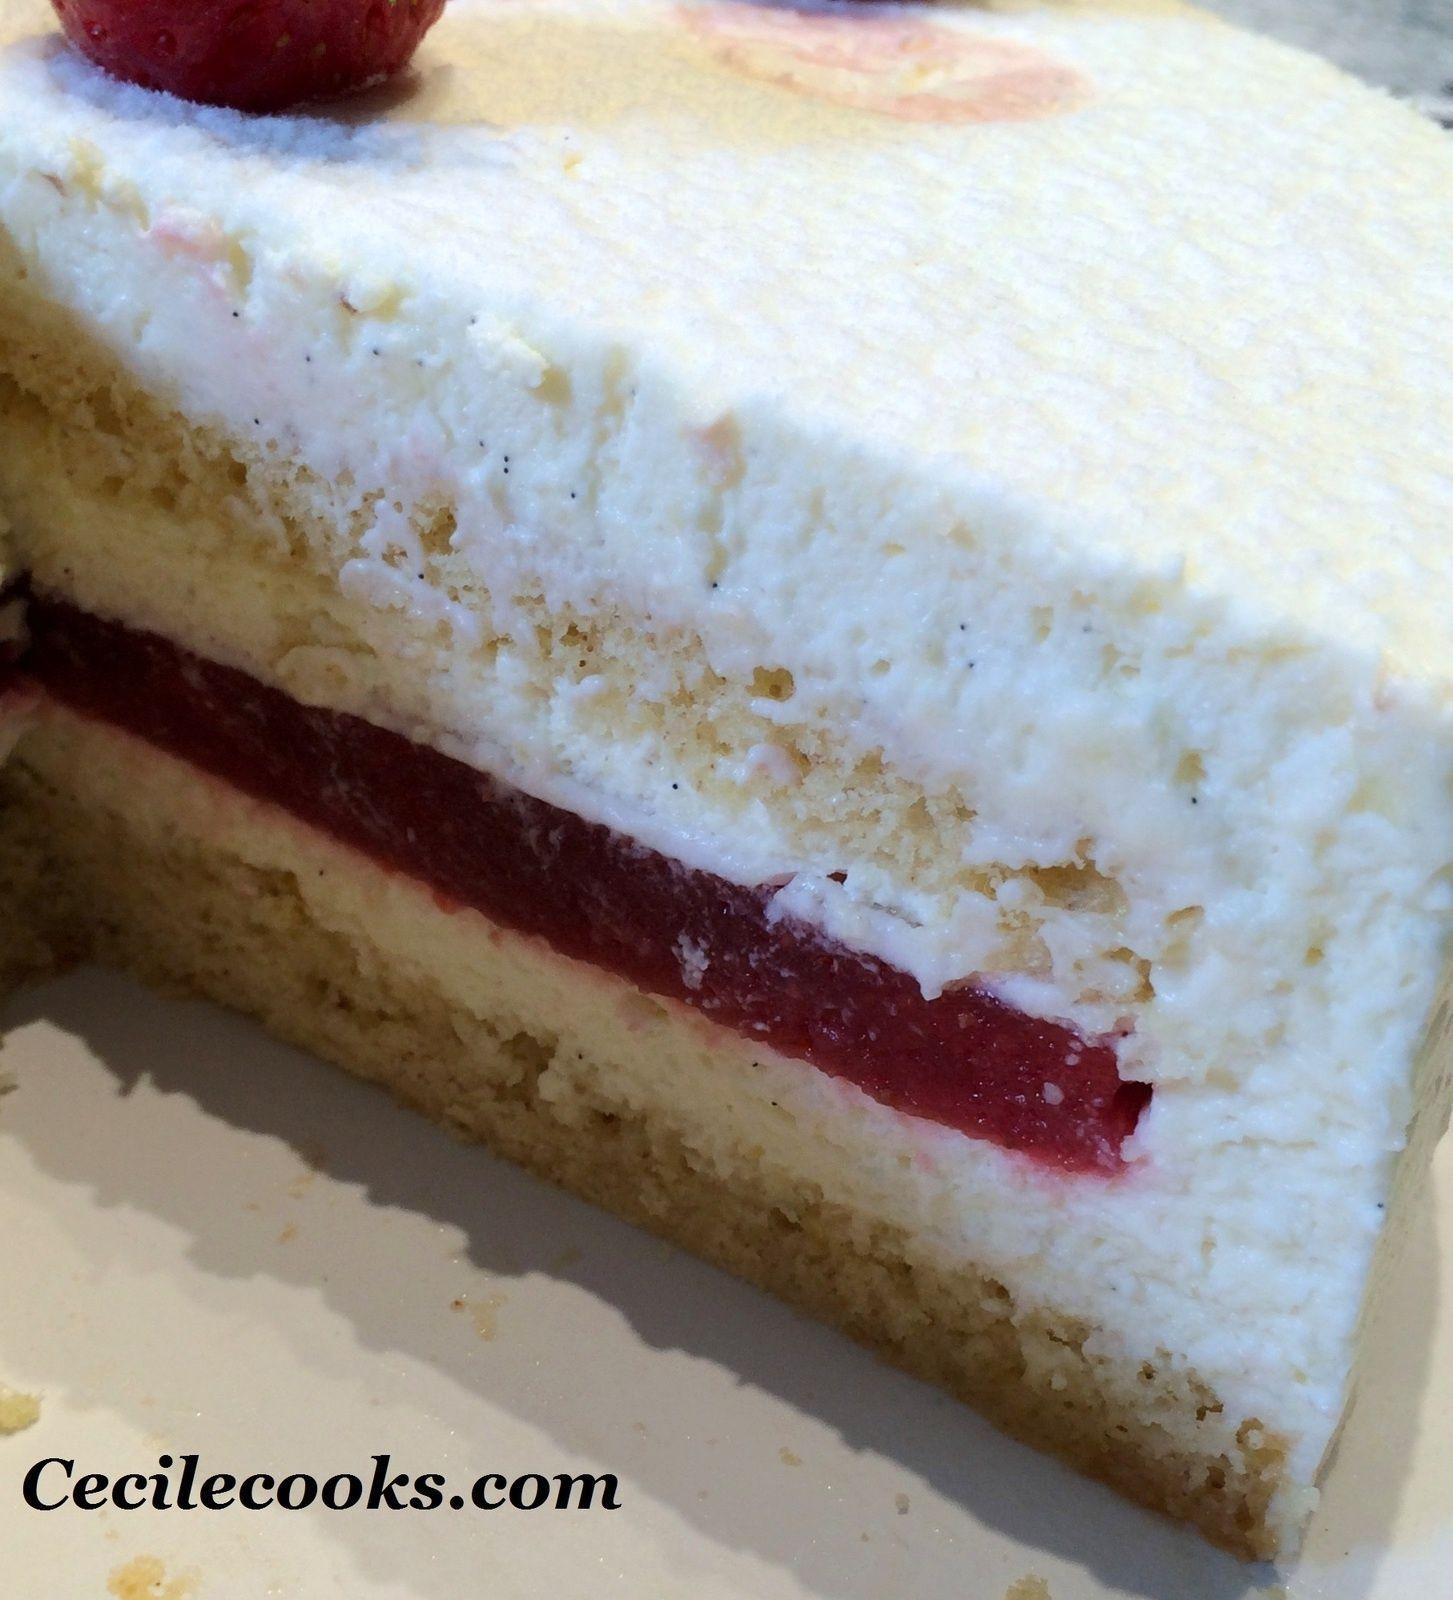 Confit de fraises, mousse vanillée et biscuit madeleine, en entremet #biscuitmadeleine Confit de fraises, mousse vanillée et biscuit madeleine, en entremet